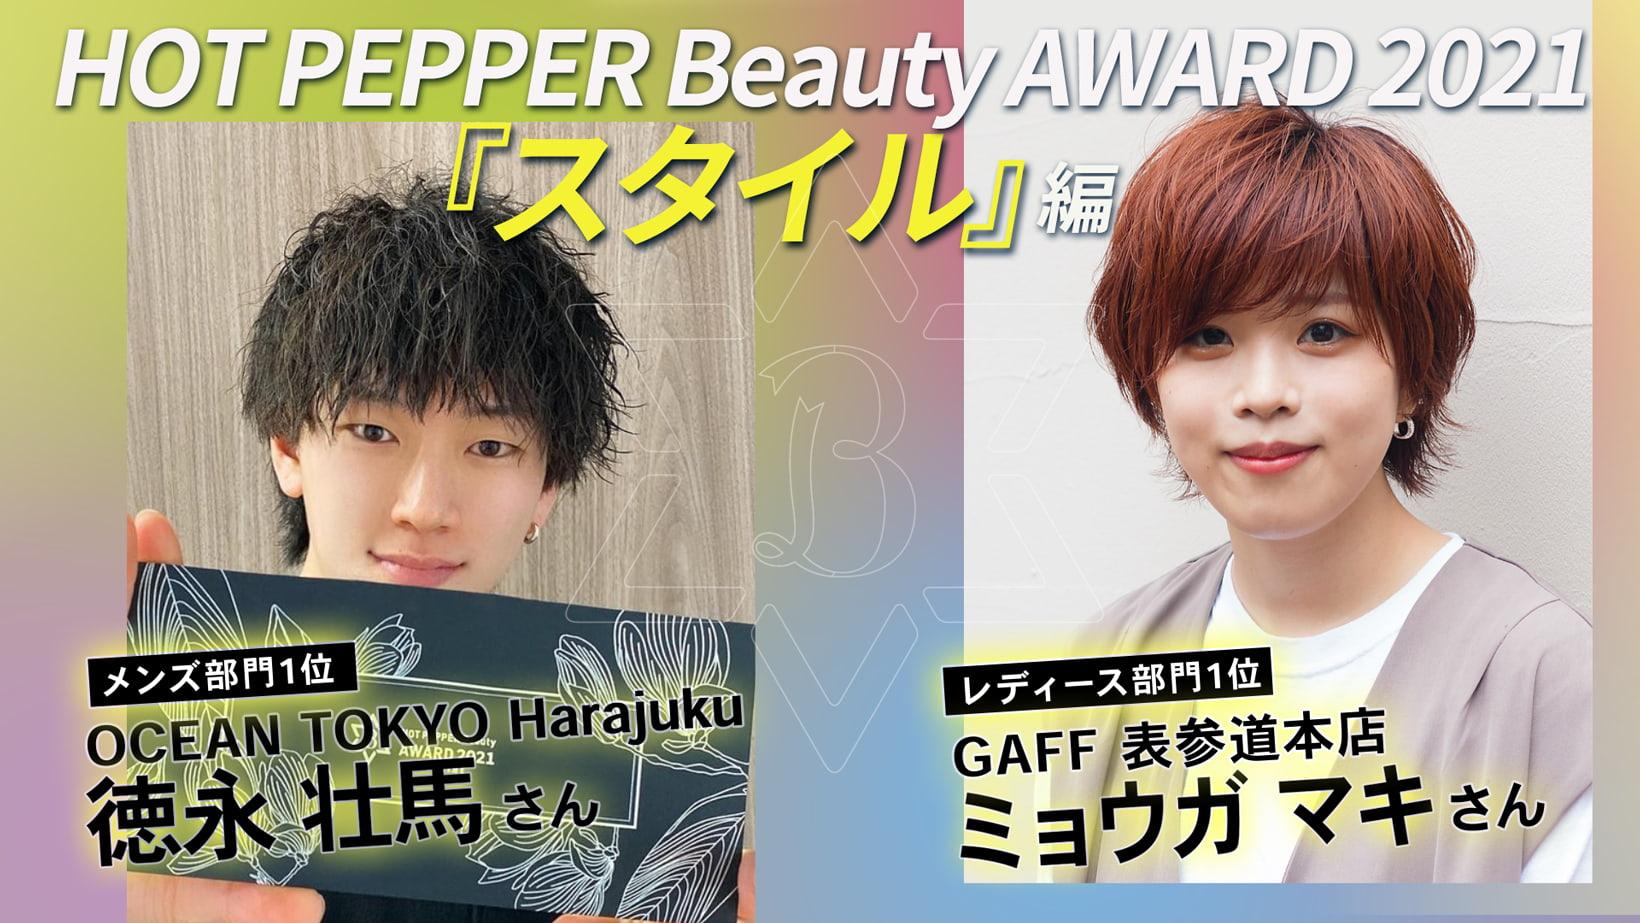 スタイル編/HOT PEPPER Beauty AWARD 2021